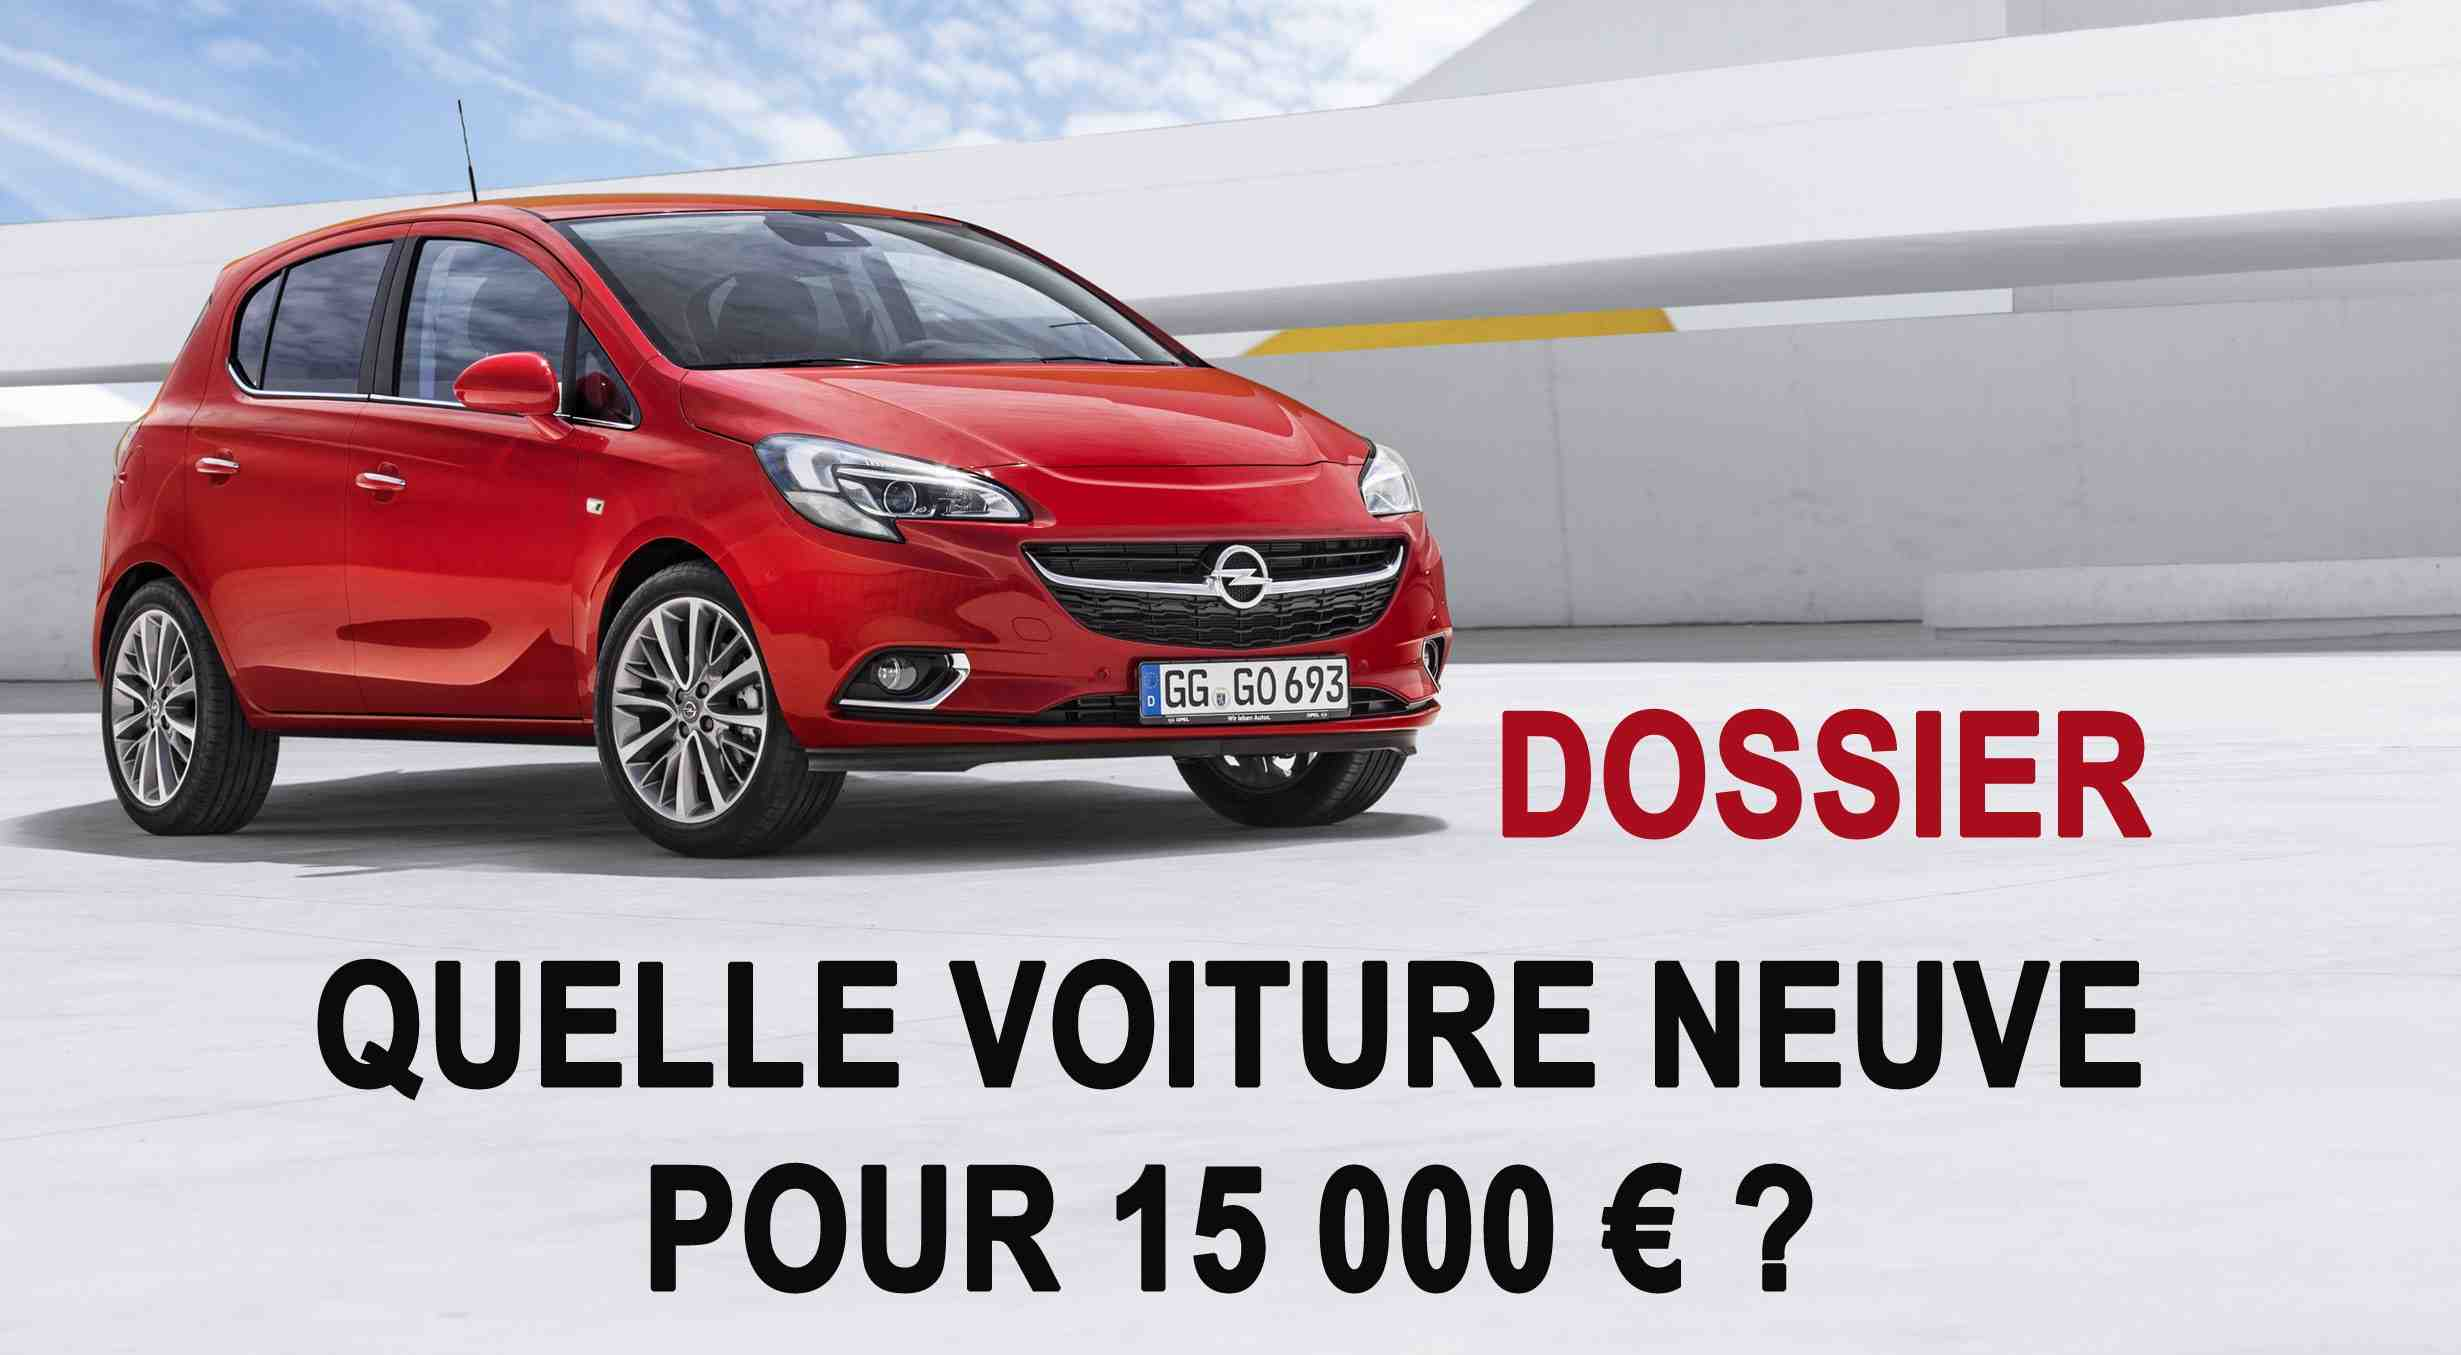 Quelle voiture pour 20 000 €?